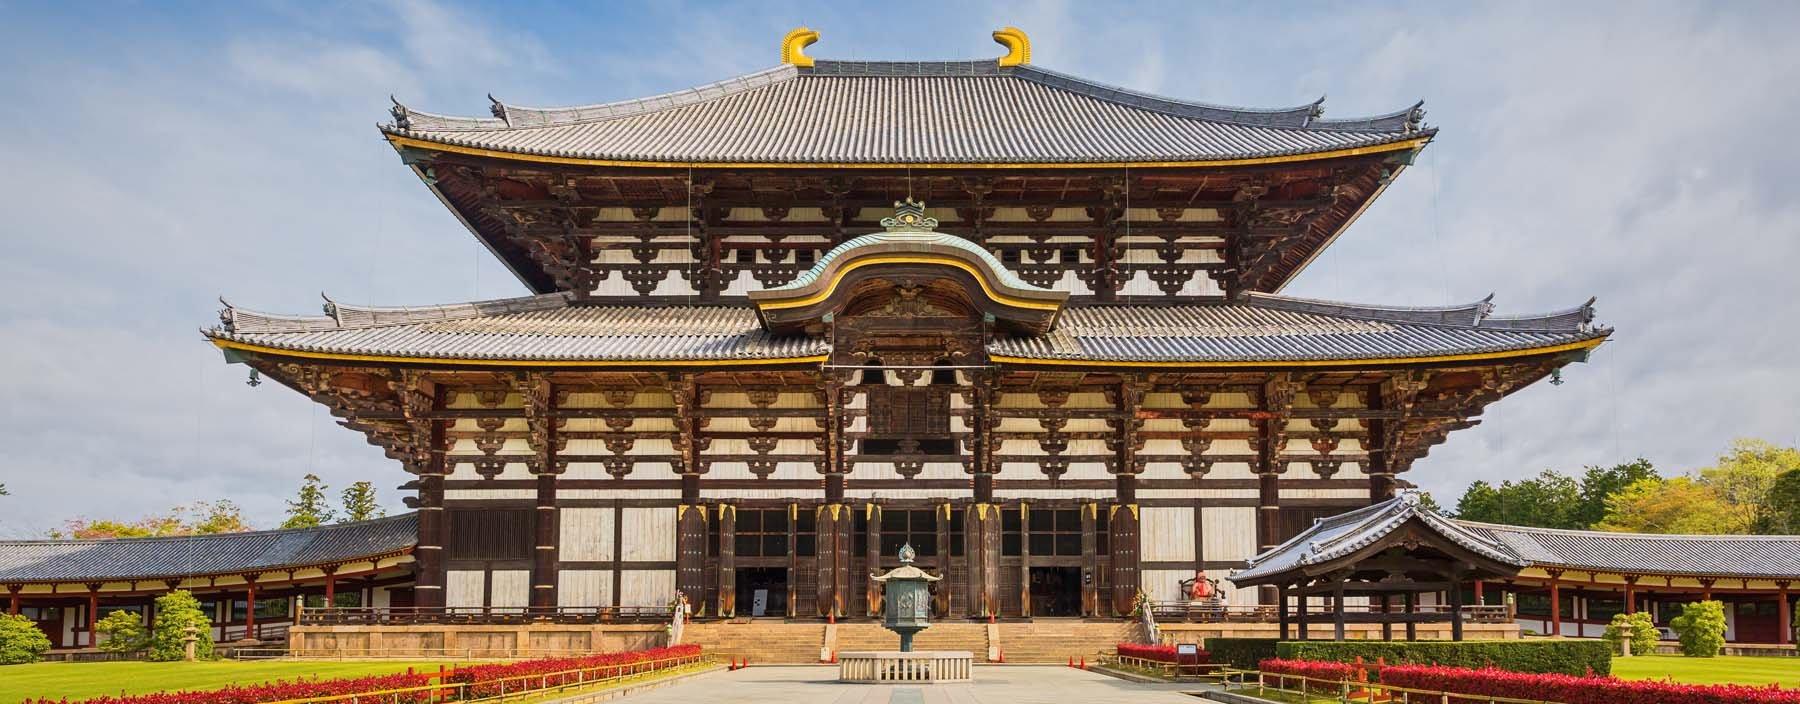 jp, nara, todaiji temple.jpg